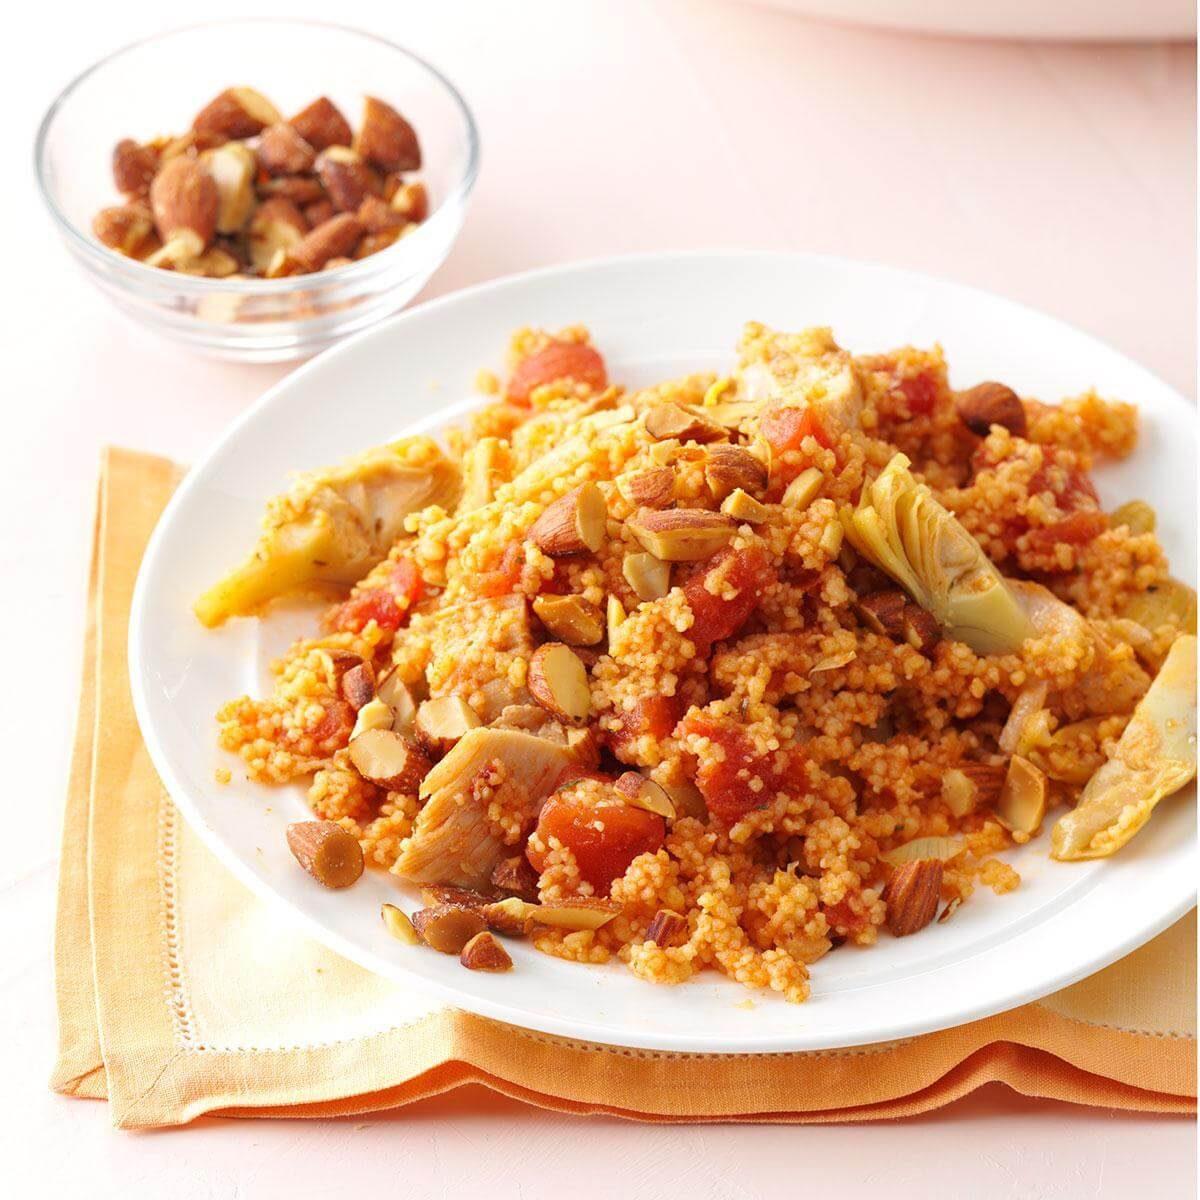 Little Kitchen Westport Ct: Marrakesh Chicken & Couscous Recipe